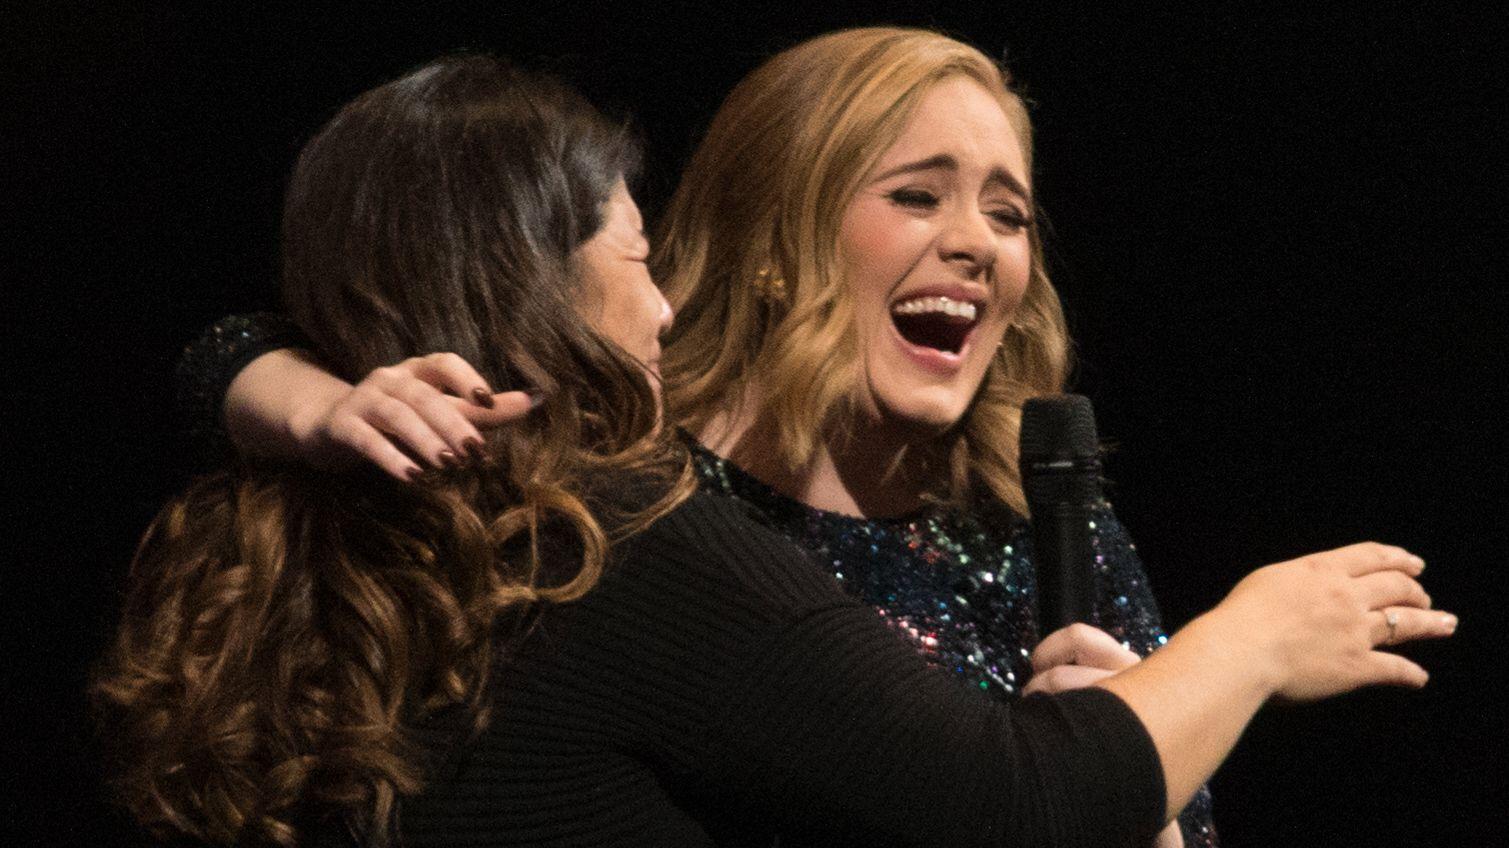 LYKKELIG: En kvinne fikk et stort øyeblikk på scenen sammen med Adele under konserten på Telenor Arena søndag kveld.